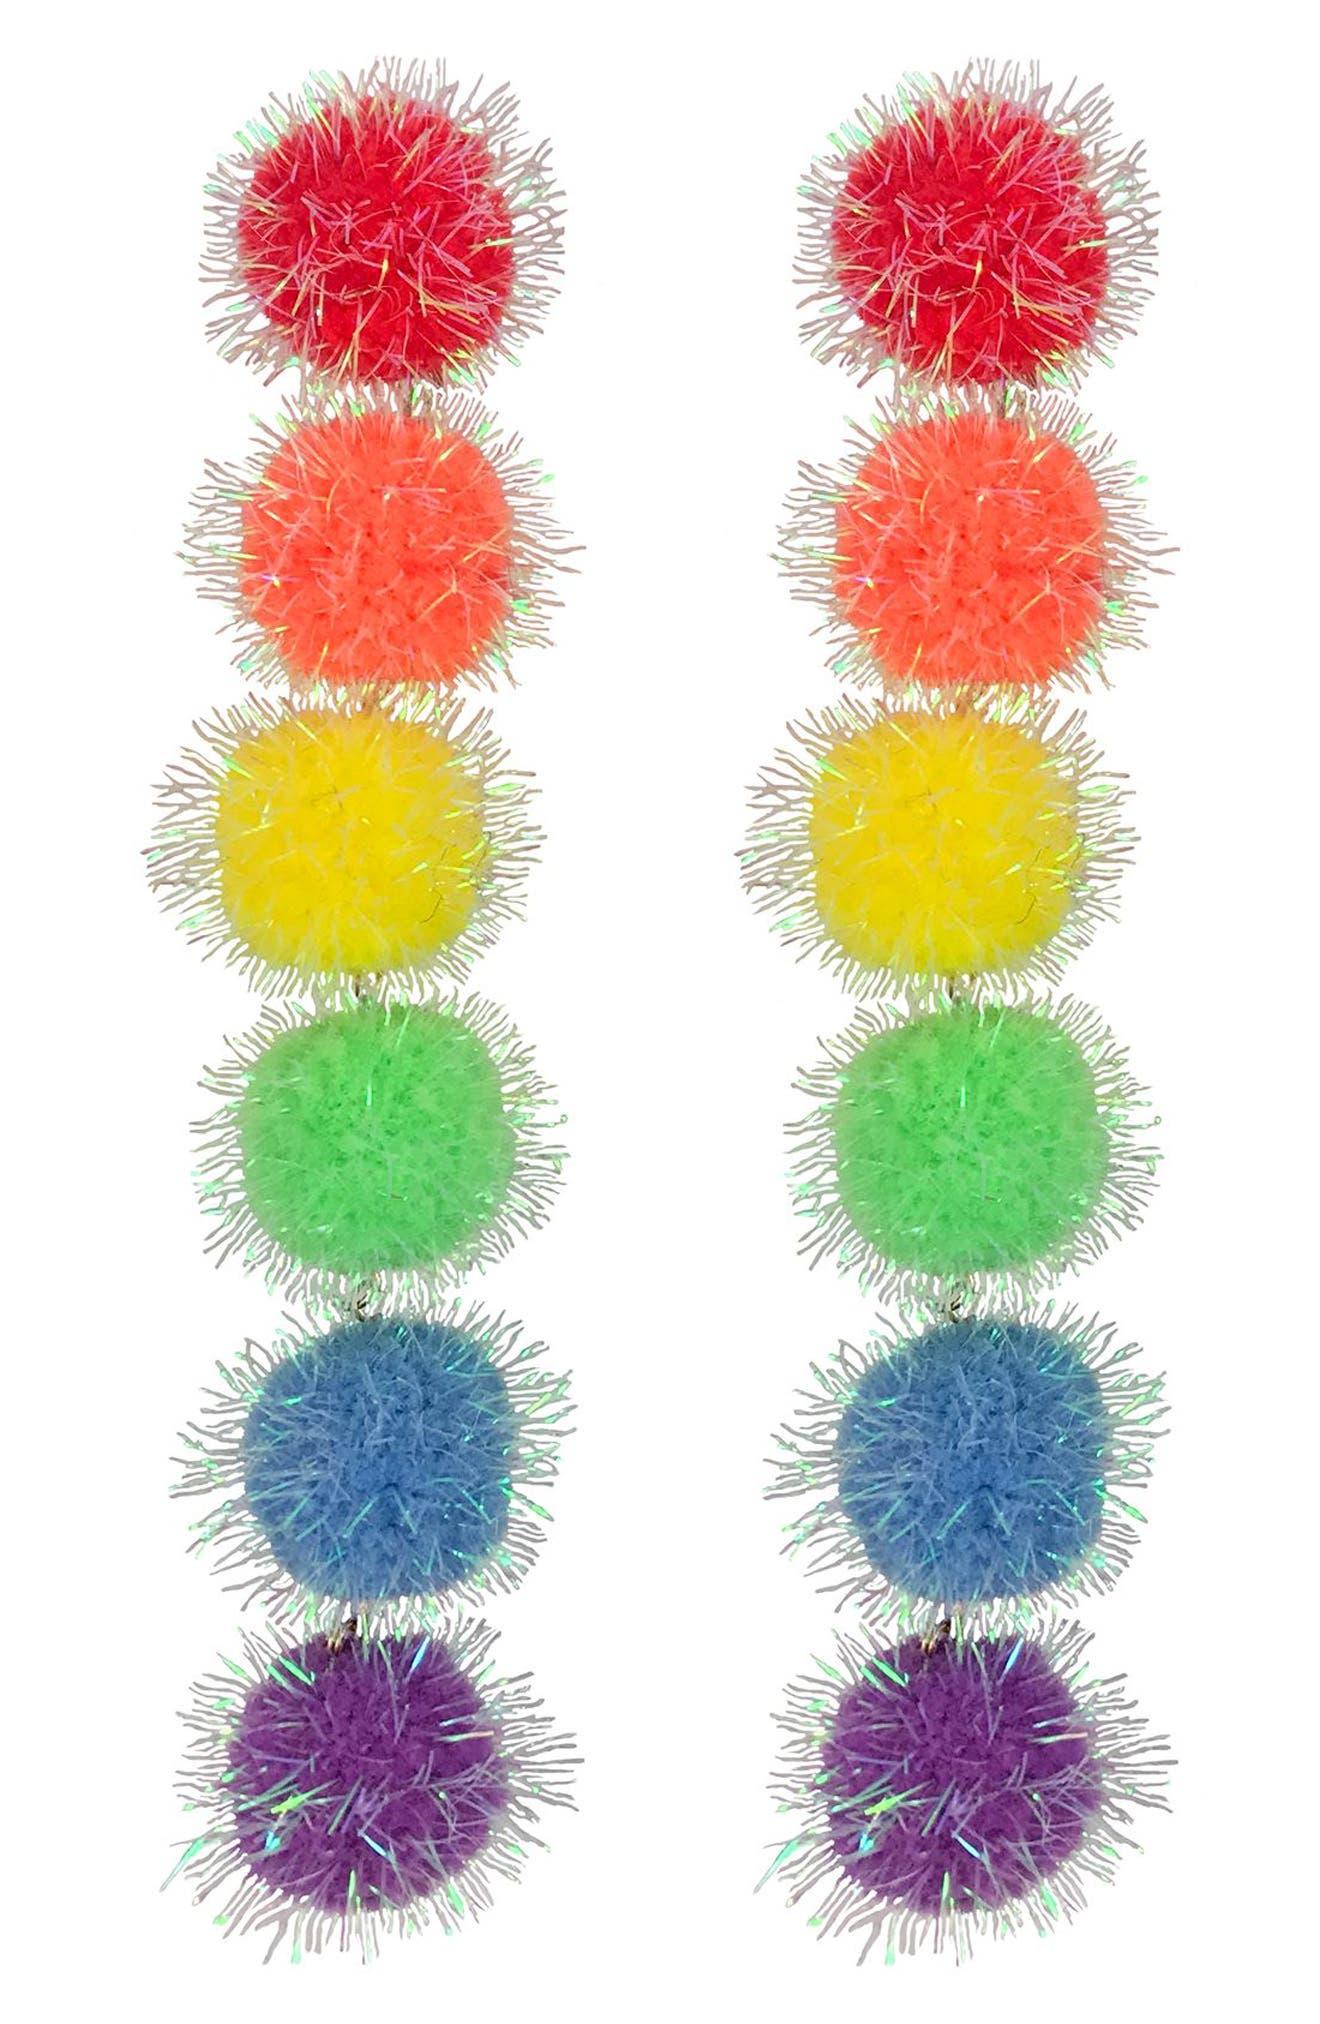 Alternate Image 1 Selected - DadyBones Rainbow Puff Drop Earrings